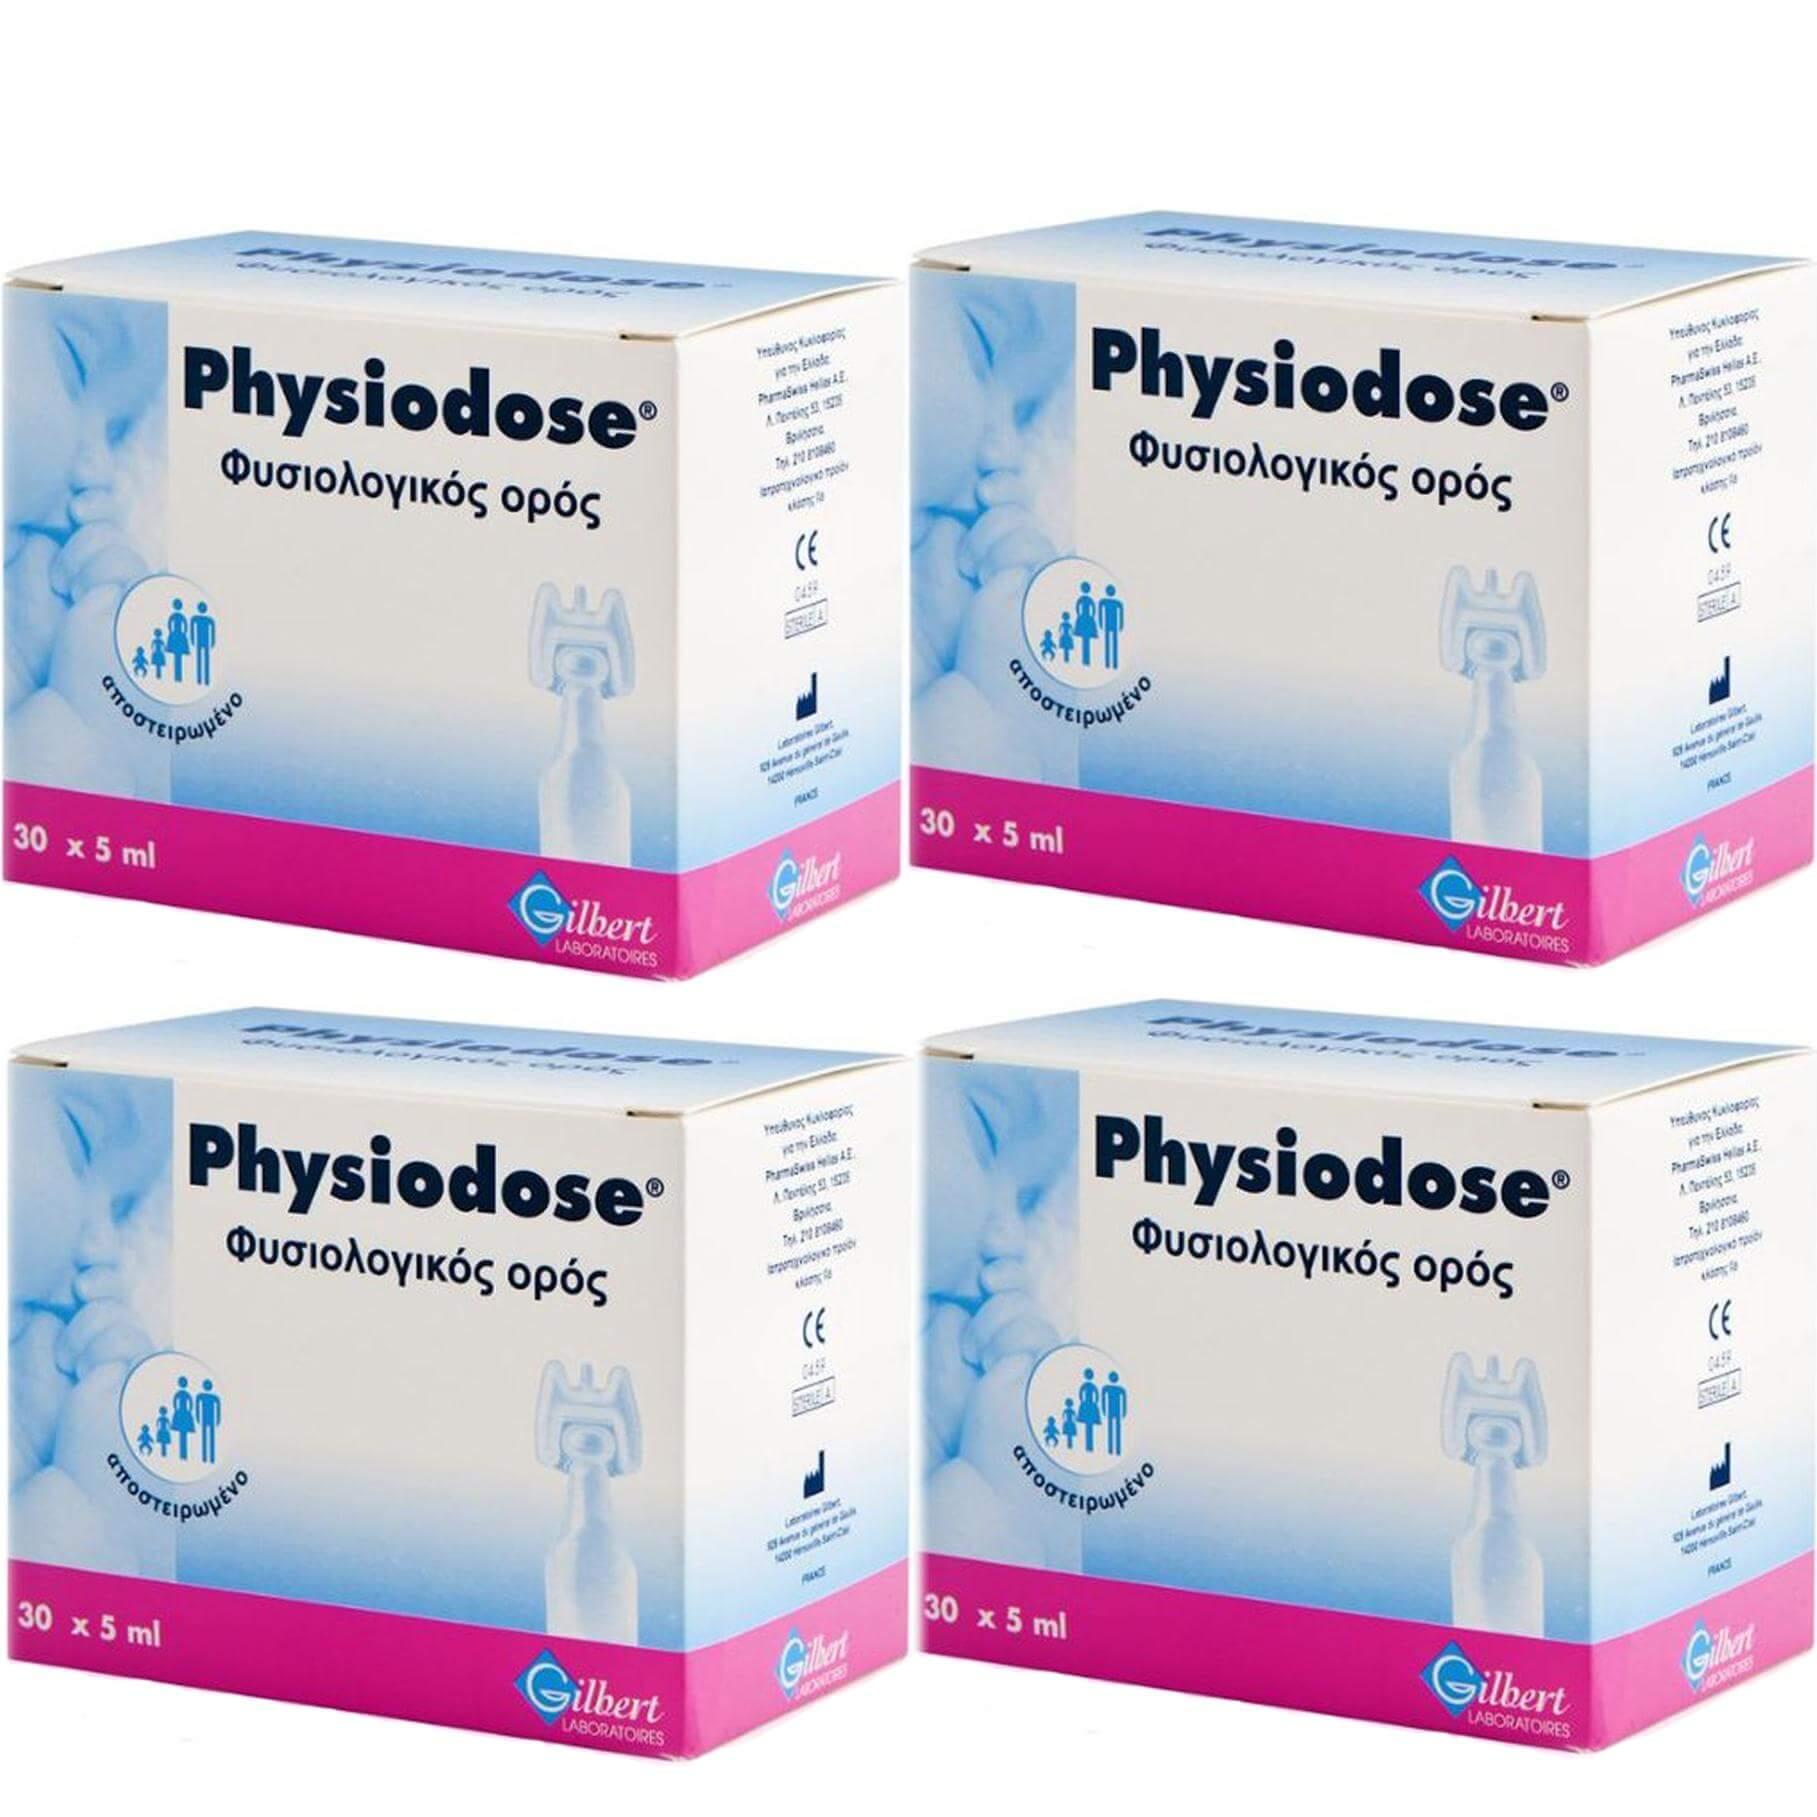 Physiodose Πακέτο Προσφοράς Στείρος Φυσιολογικός Ορός σε Αμπούλες μιας Δόσης, για τη Ρινική & Οφθαλμολογική Υγιεινή 4 x 30×5 ml